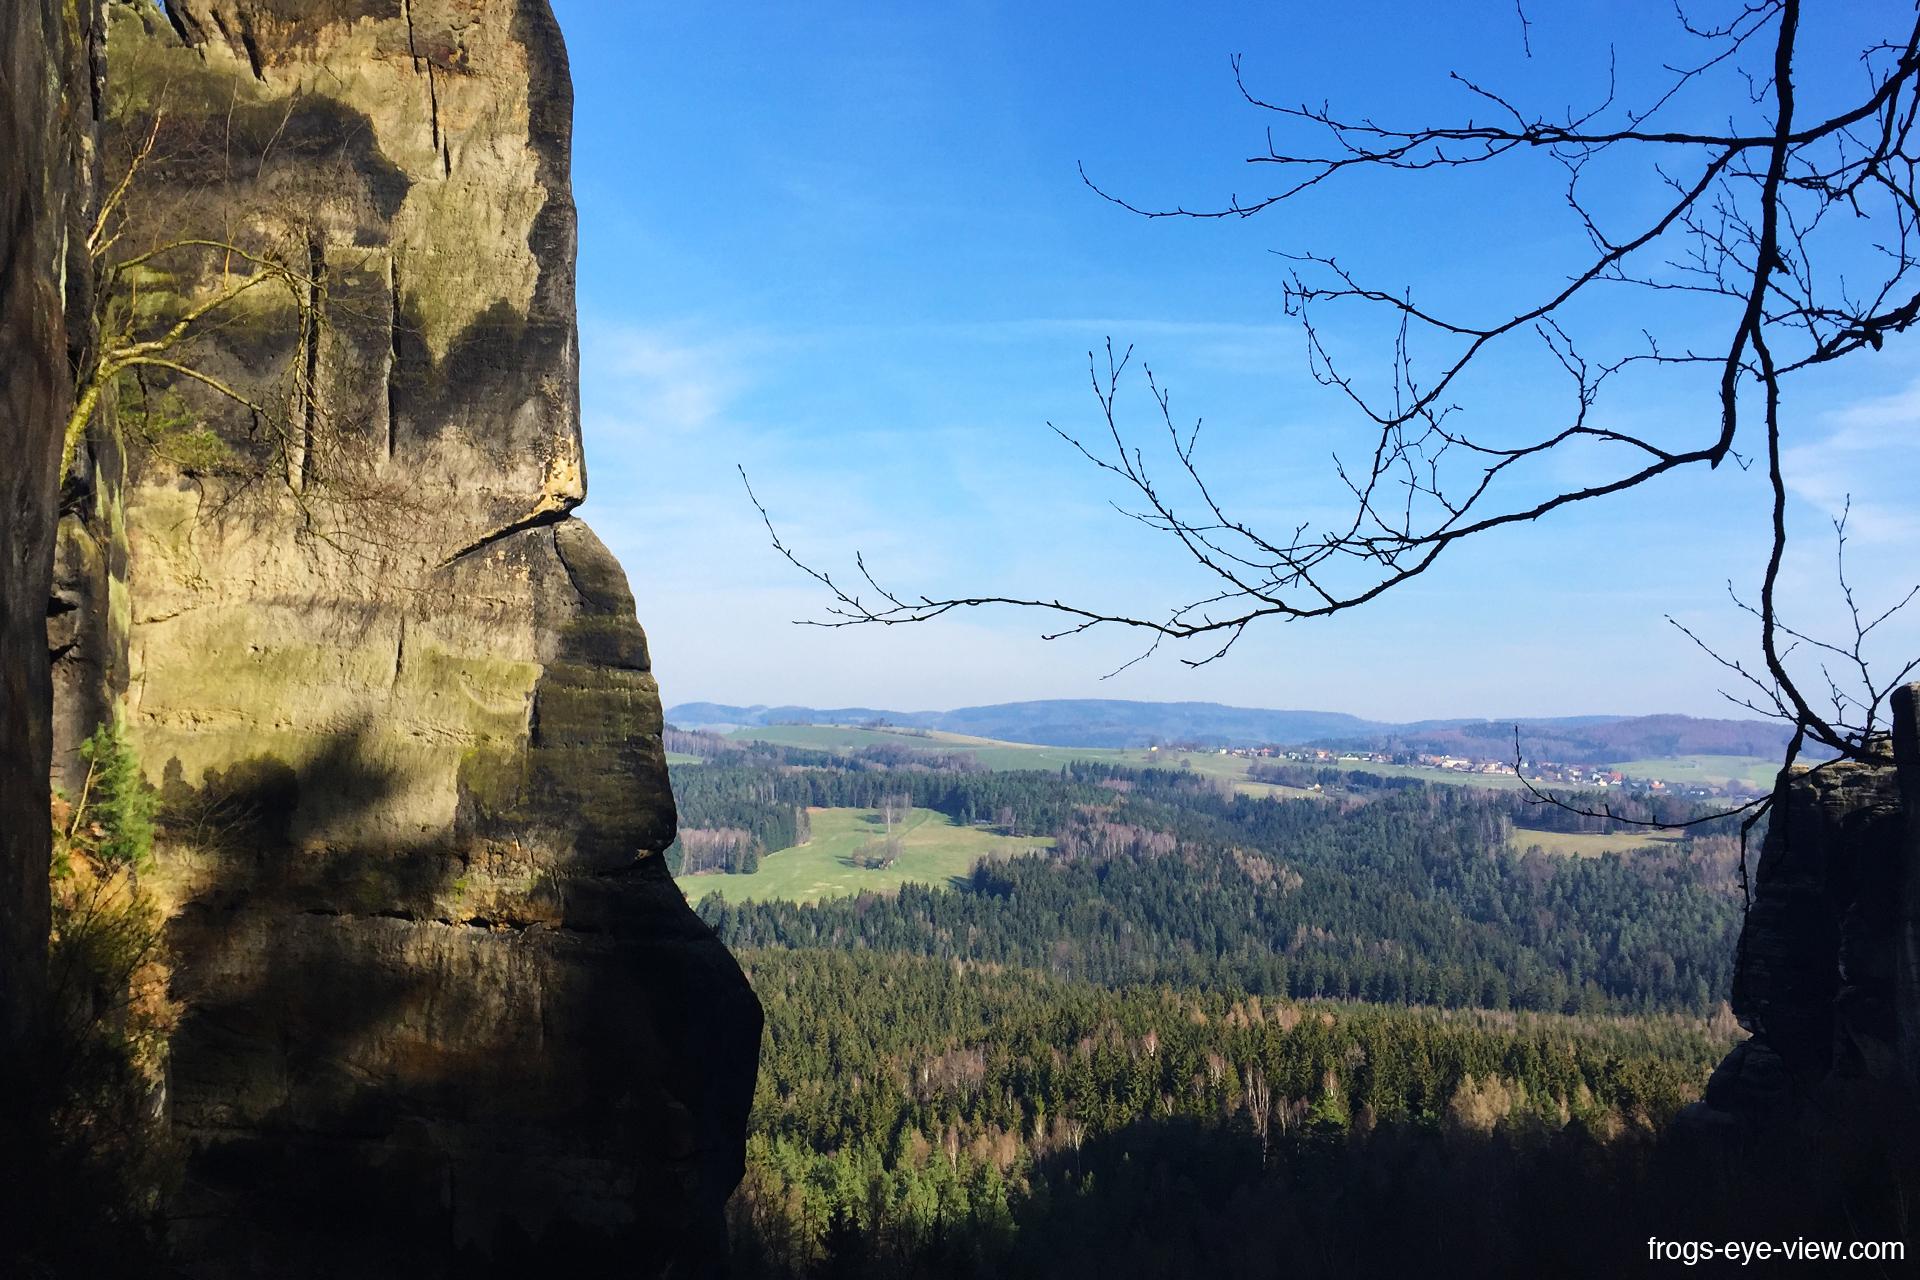 20160327_Dresden_Ostersonntag10.07.33 Kopie